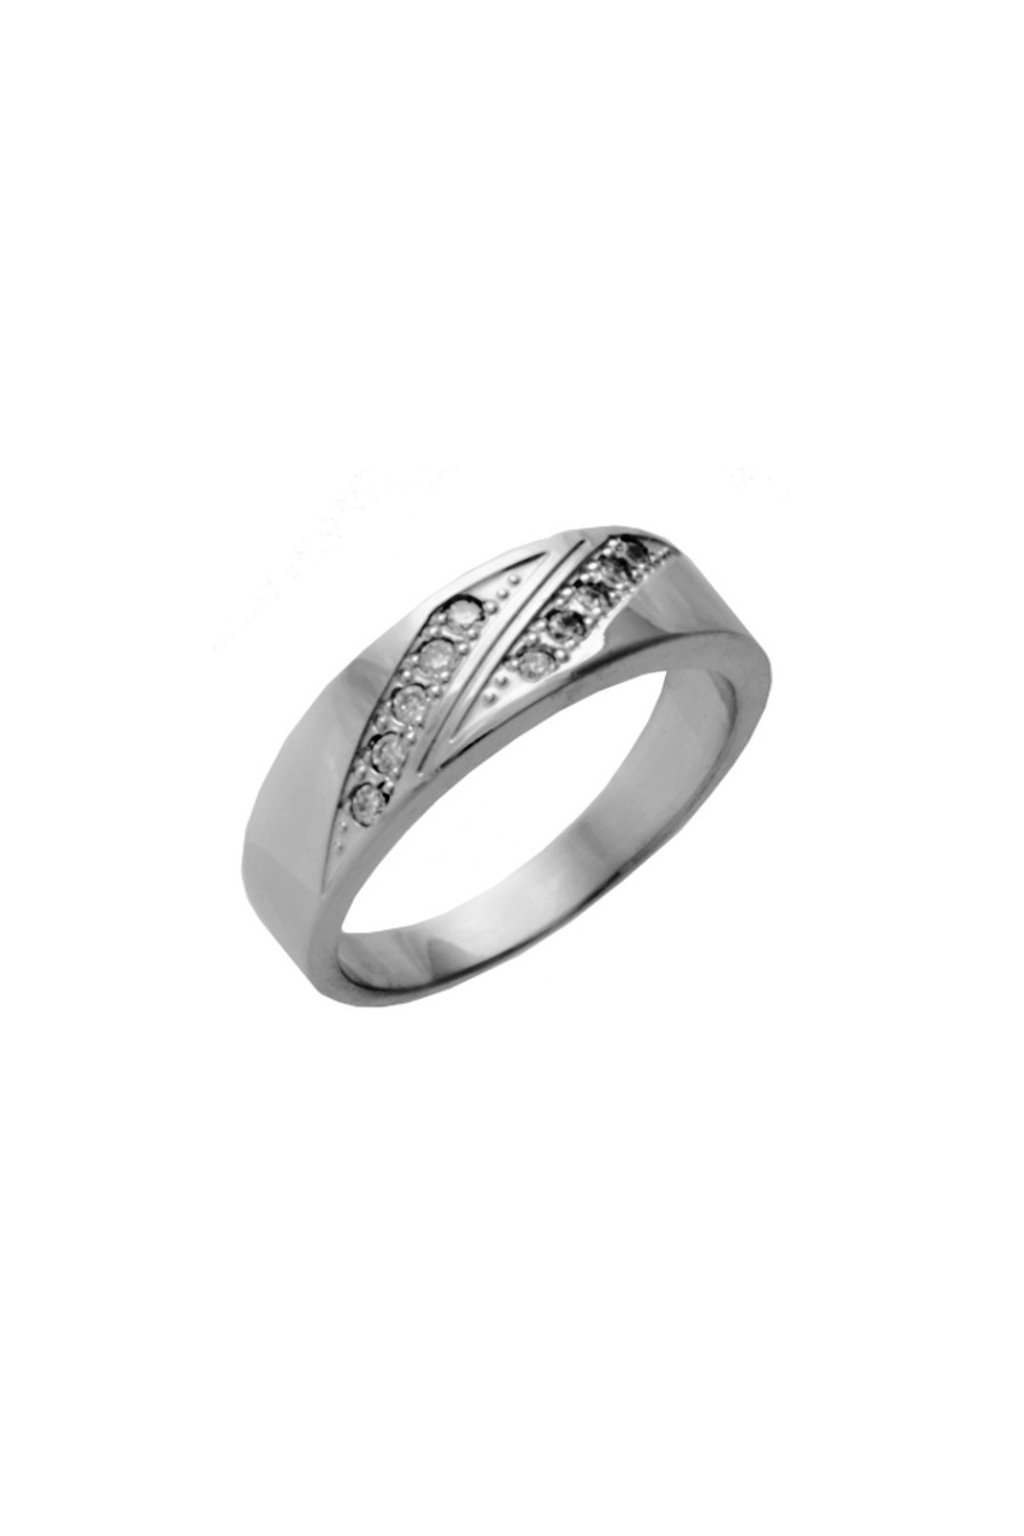 Skalimar Prsten z chirurgické oceli ELEGANTNÍ ŠPERK OSÁZEN DROBNÝMI KŘIŠŤÁLKY 212143